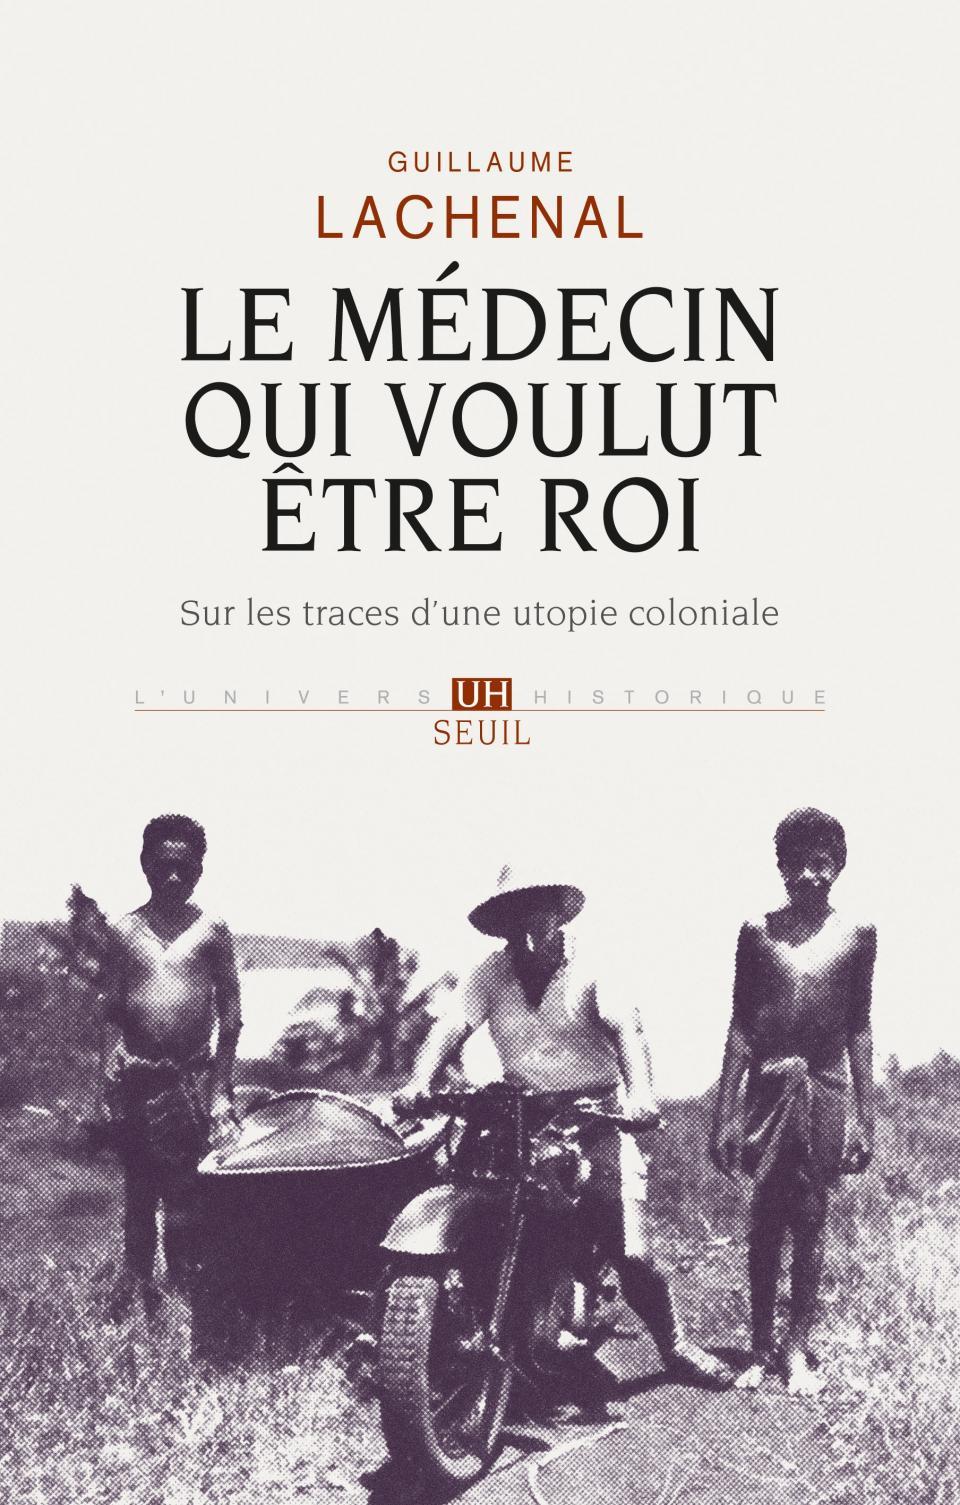 livre_Guillaume_Lachenal